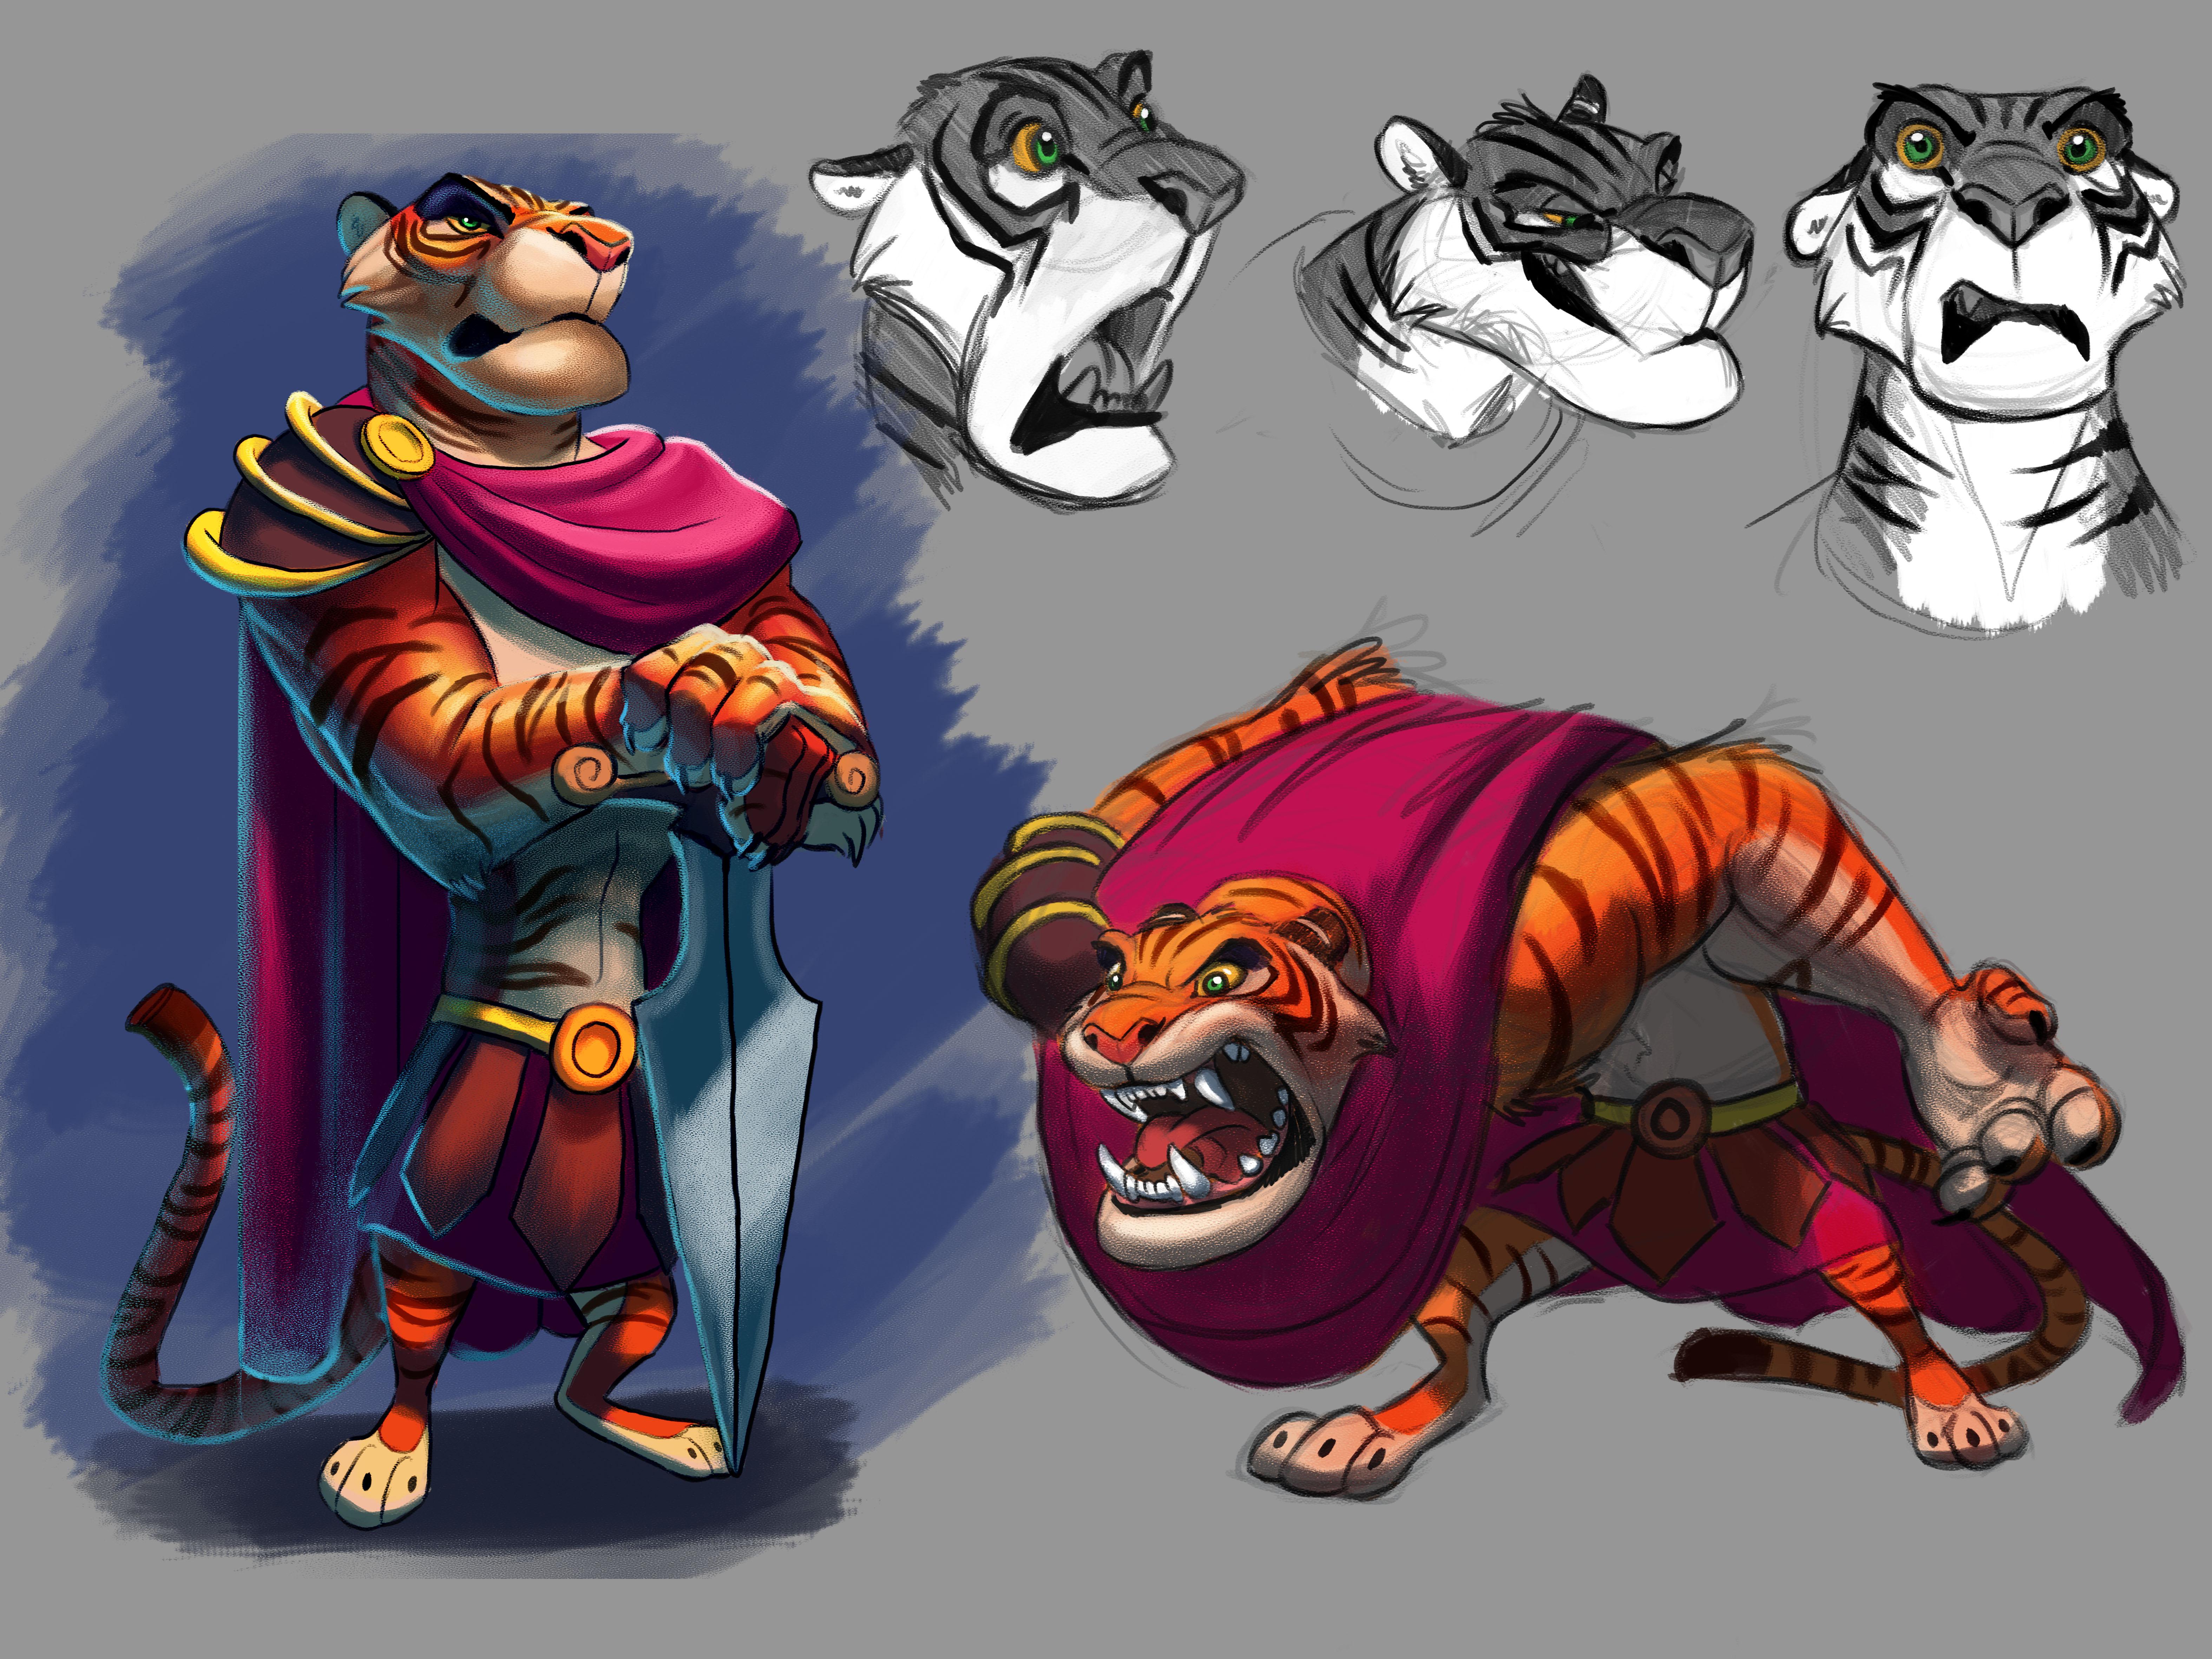 Character Design Challenge Zelda : Gladiator character design challenge by tehchan on deviantart